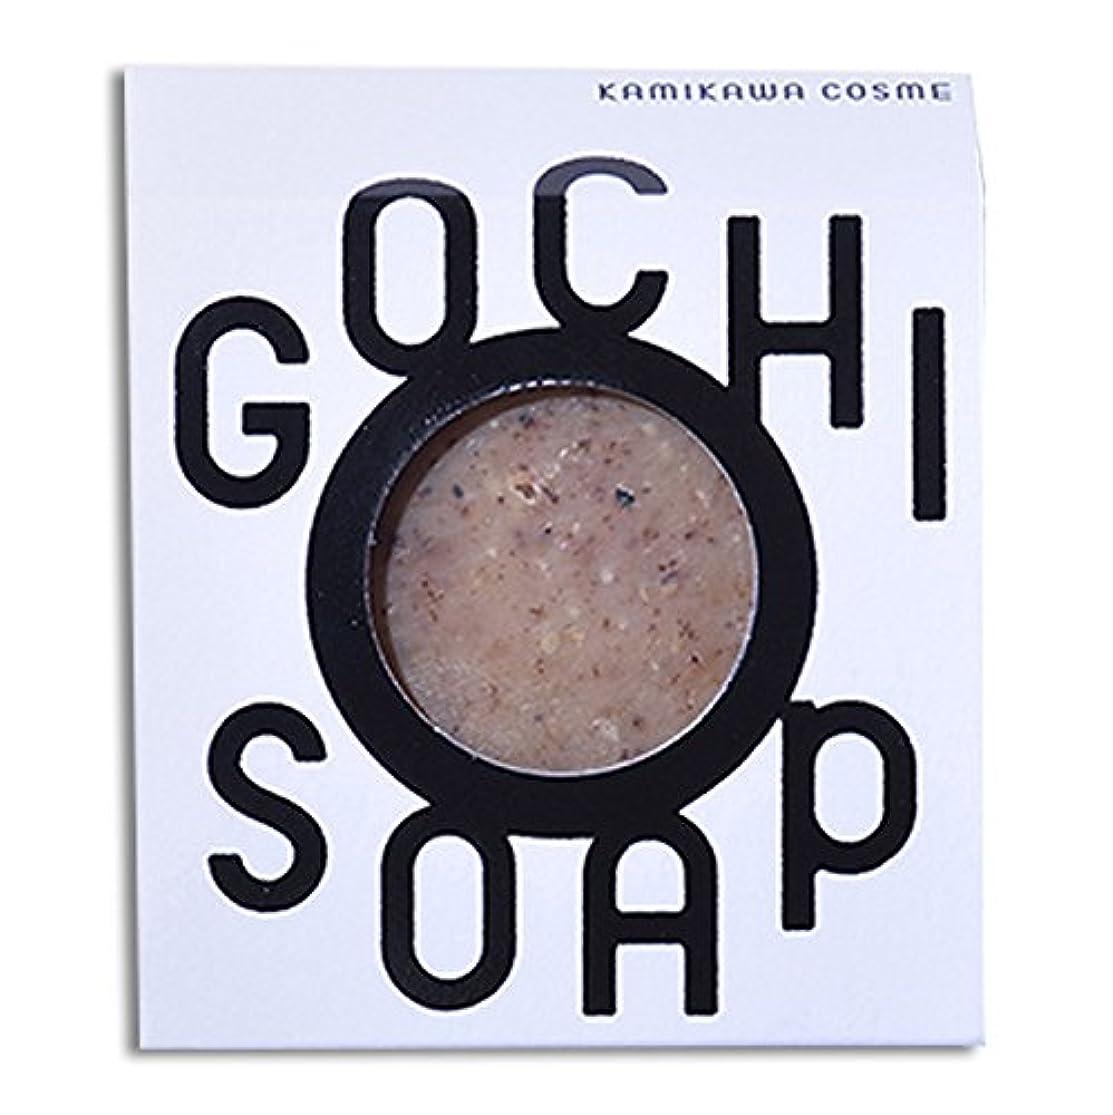 強いノベルティ油道北の素材を使用したコスメブランド GOCHI SOAP(上森米穀店の黒米ぬかソープ?谷口農場のトマトソープ)各1個セット